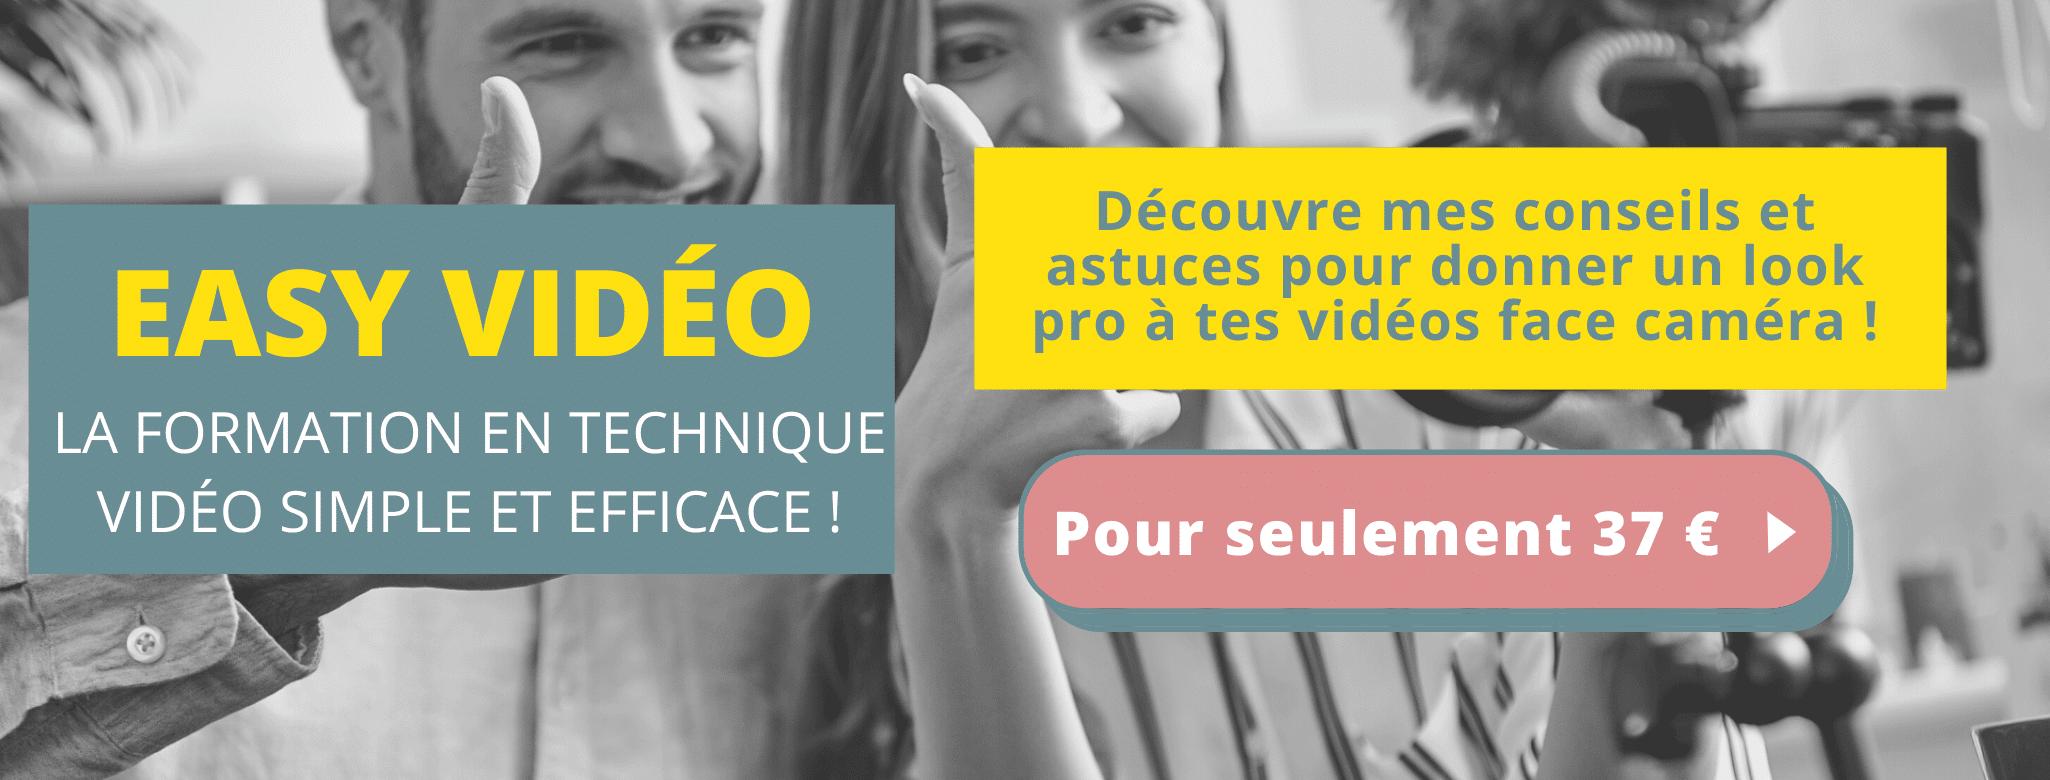 Easy Vidéo